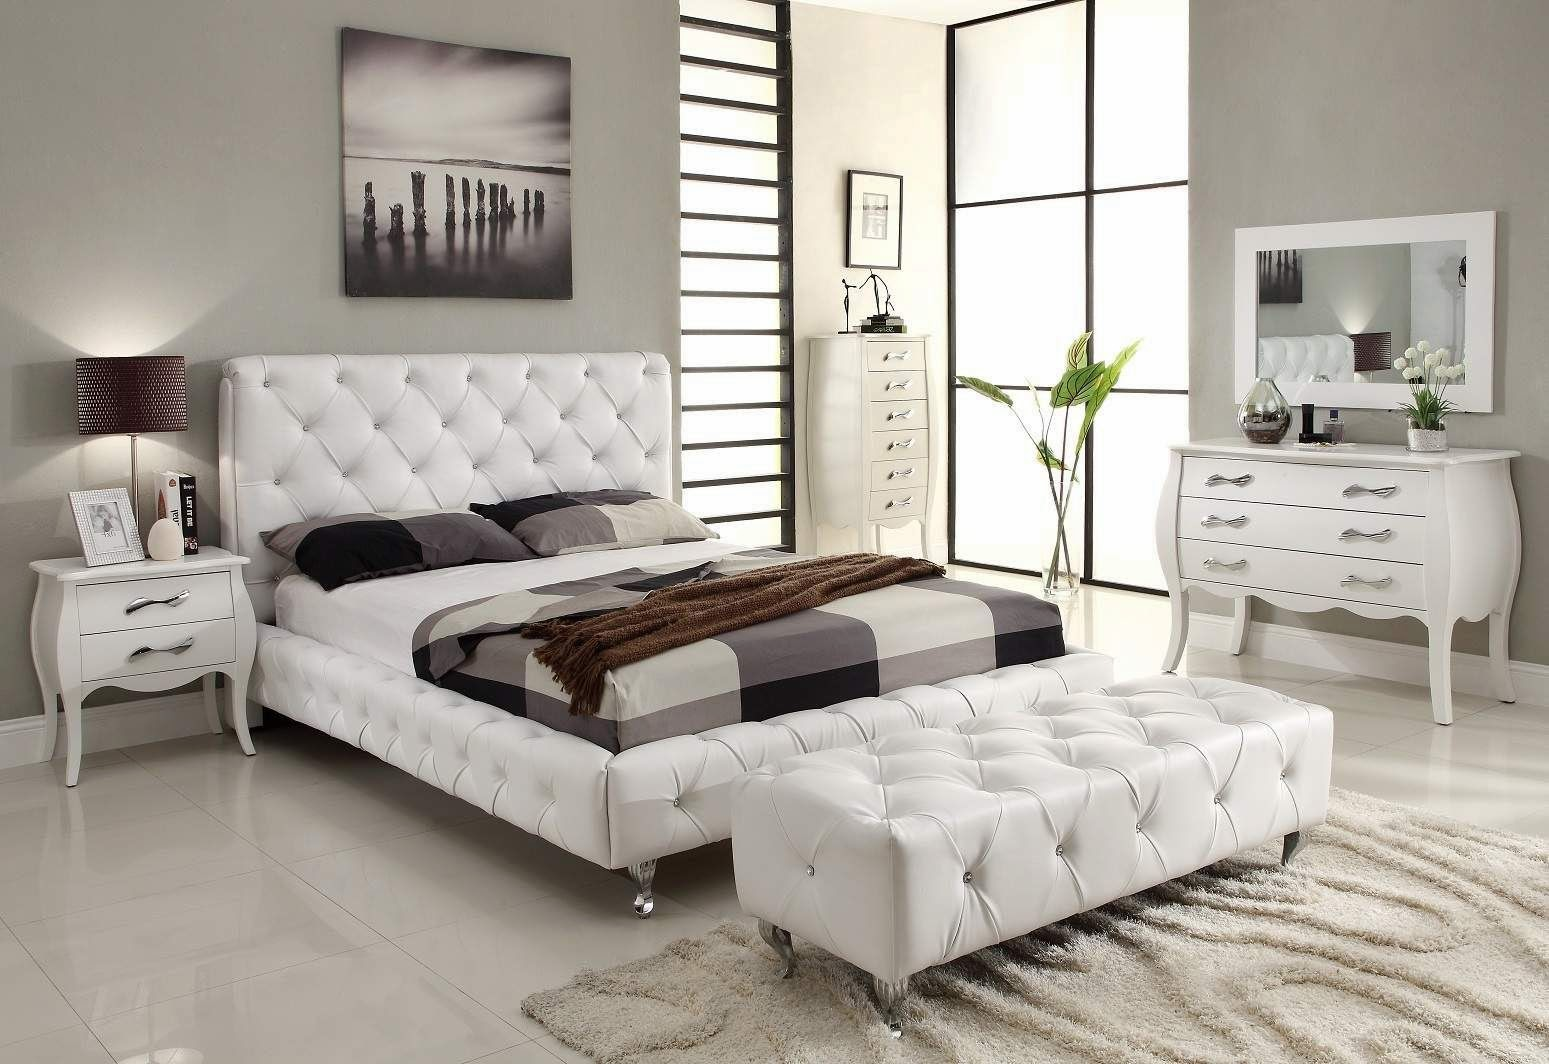 Decoration chambre italienne for Idee interior design